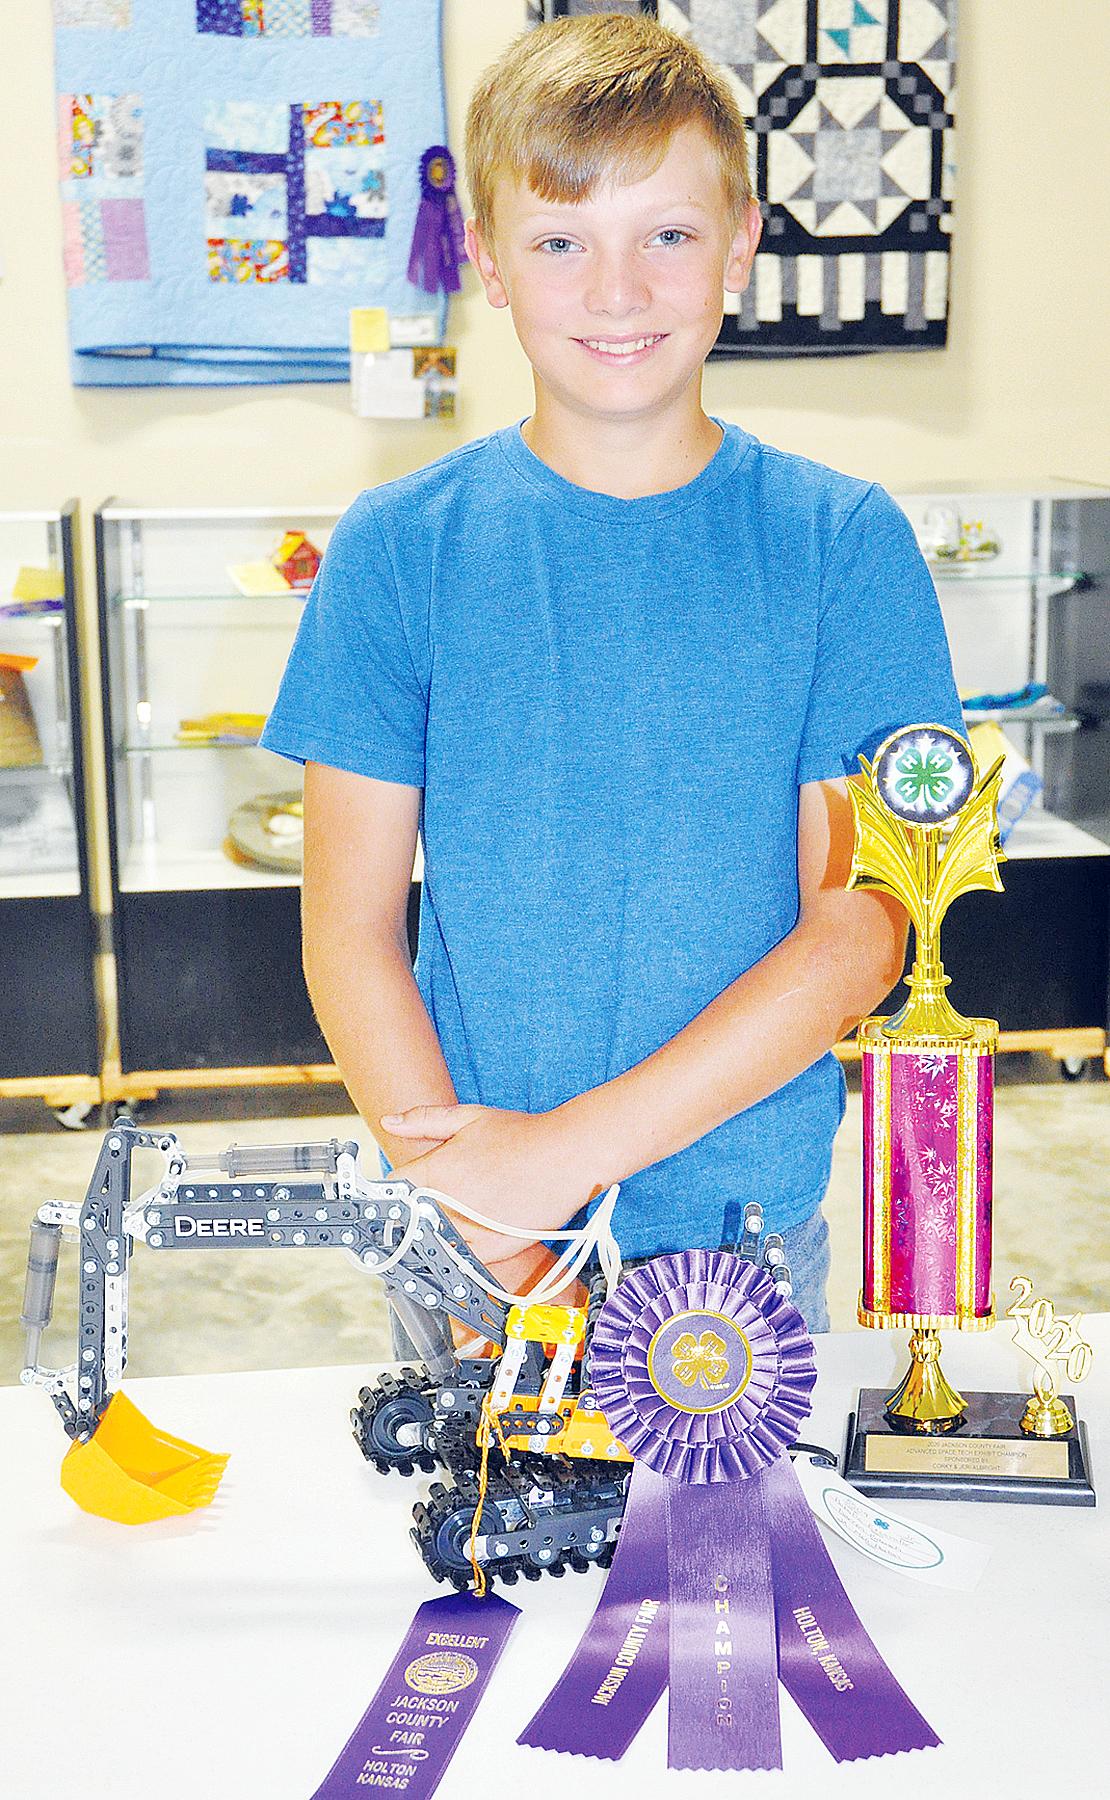 Darren Bausch - Junior Robotics